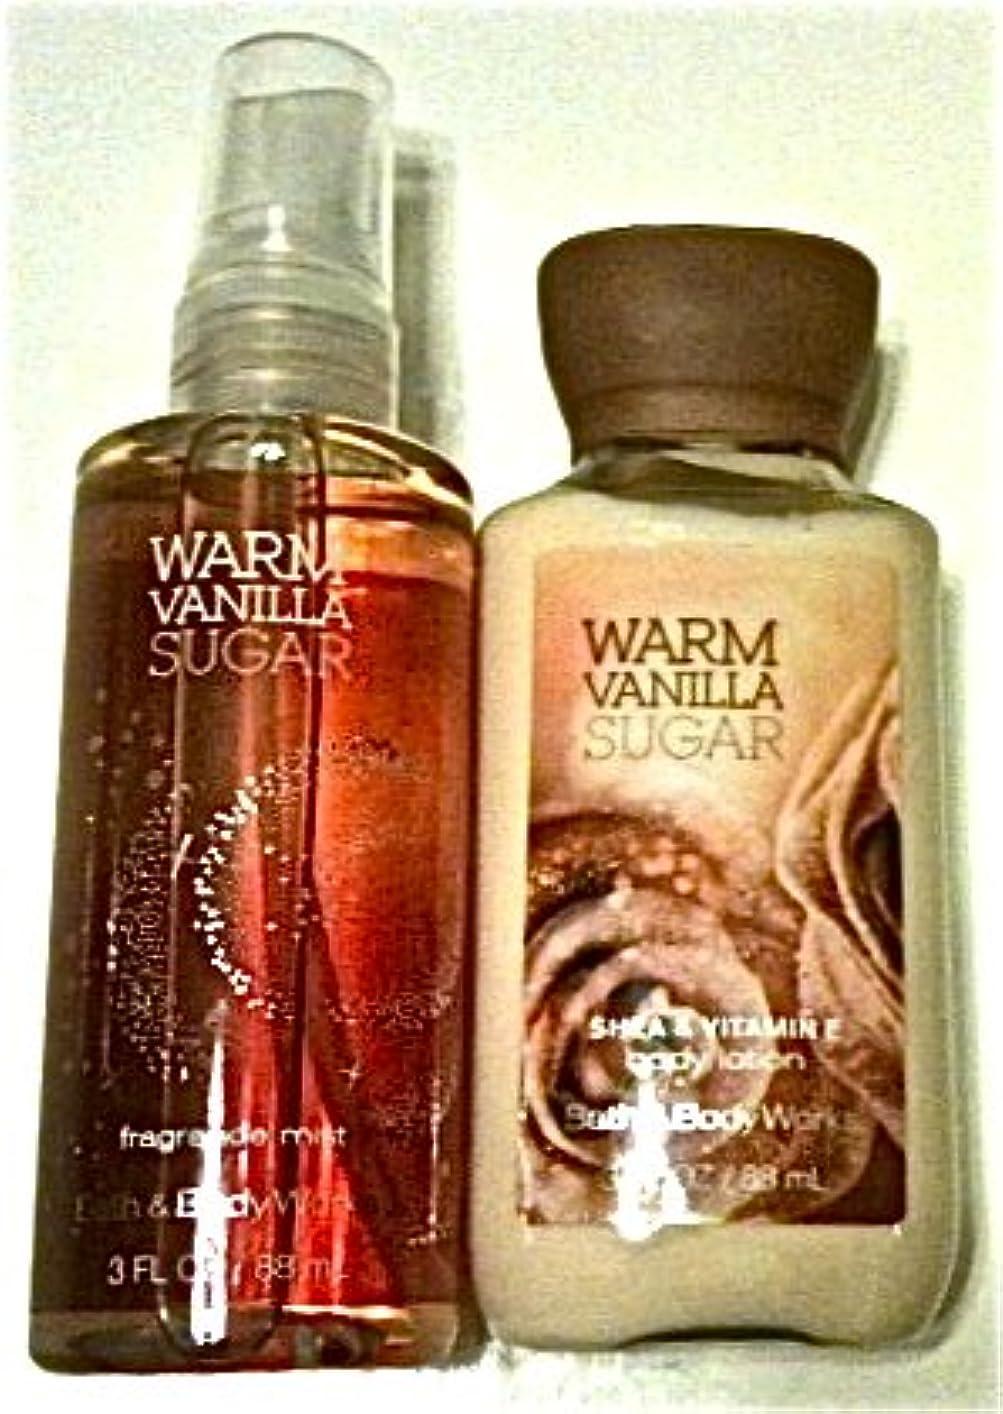 アサートくすぐったい地下鉄Bath & Body Works warm vanilla sugar body cream, fragrance mist ワームバニラシュガー、ボディークリーム&ミスト [海外直送品]